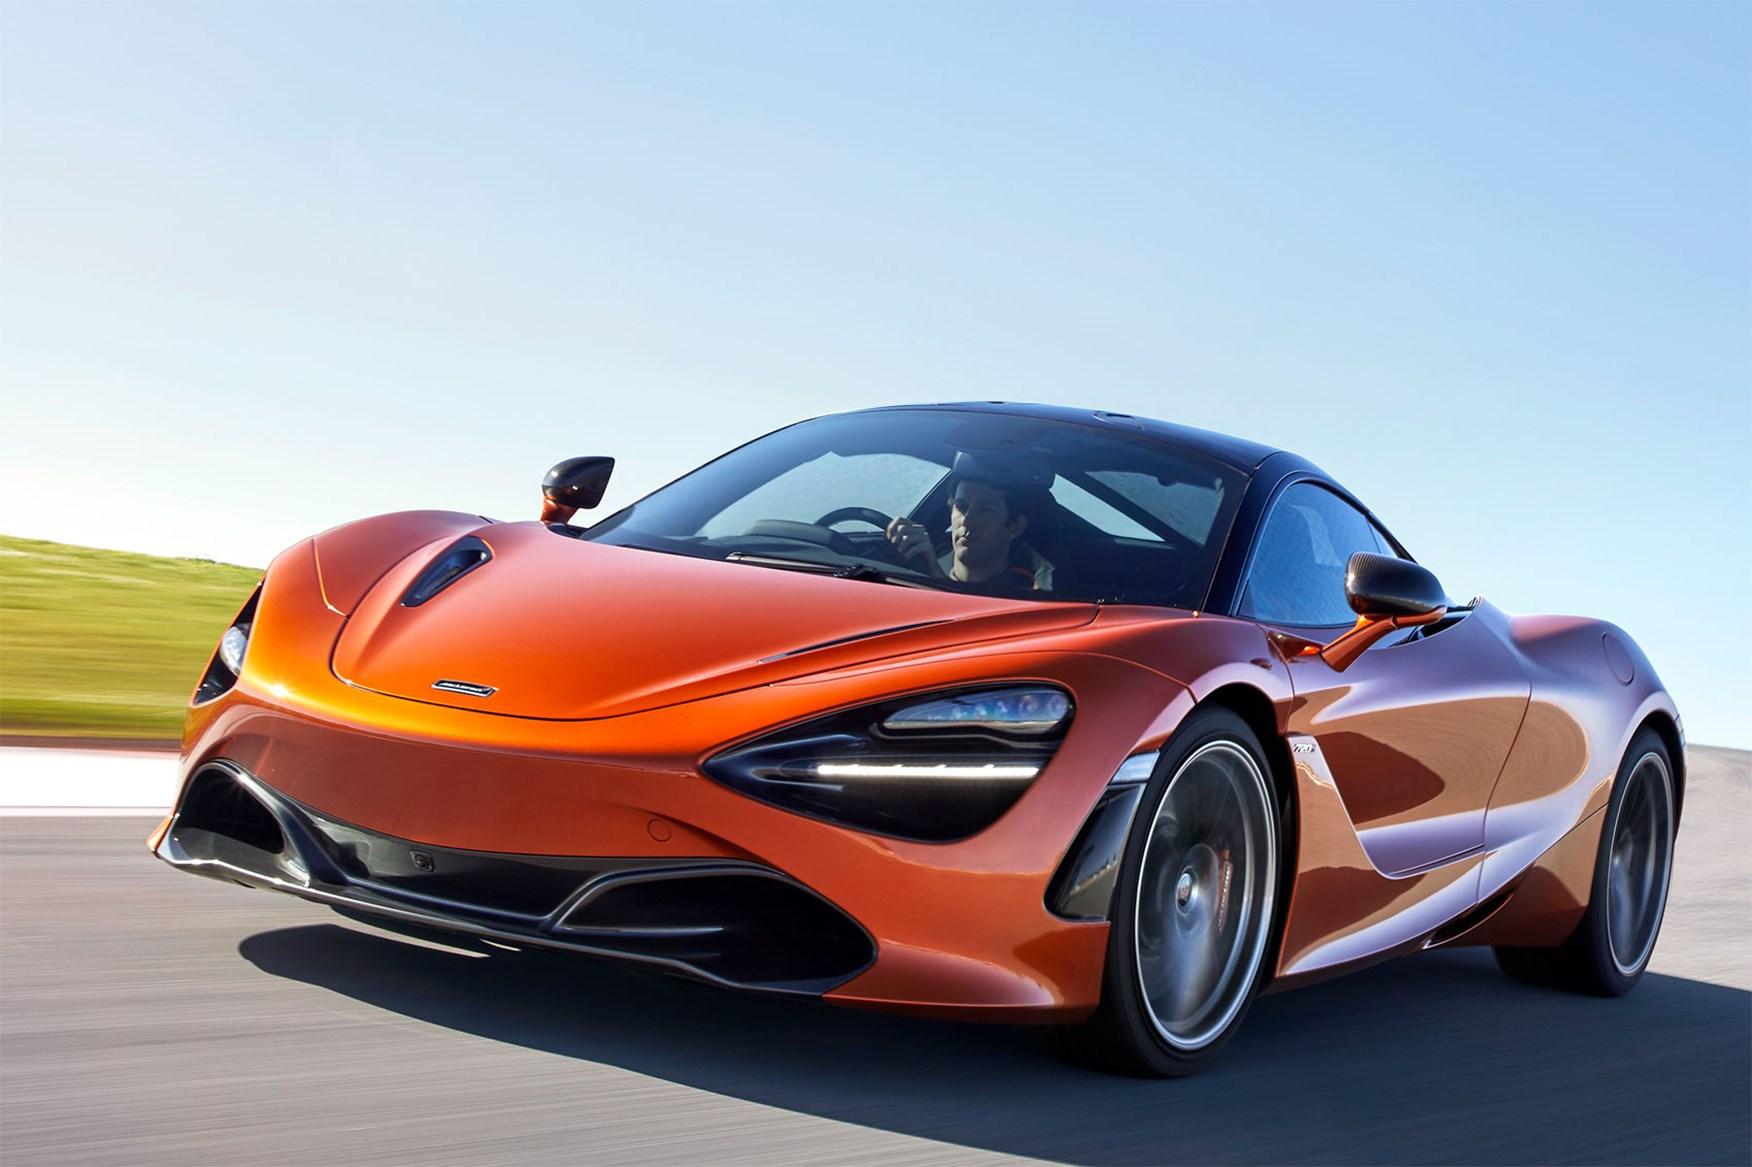 McLaren storms into